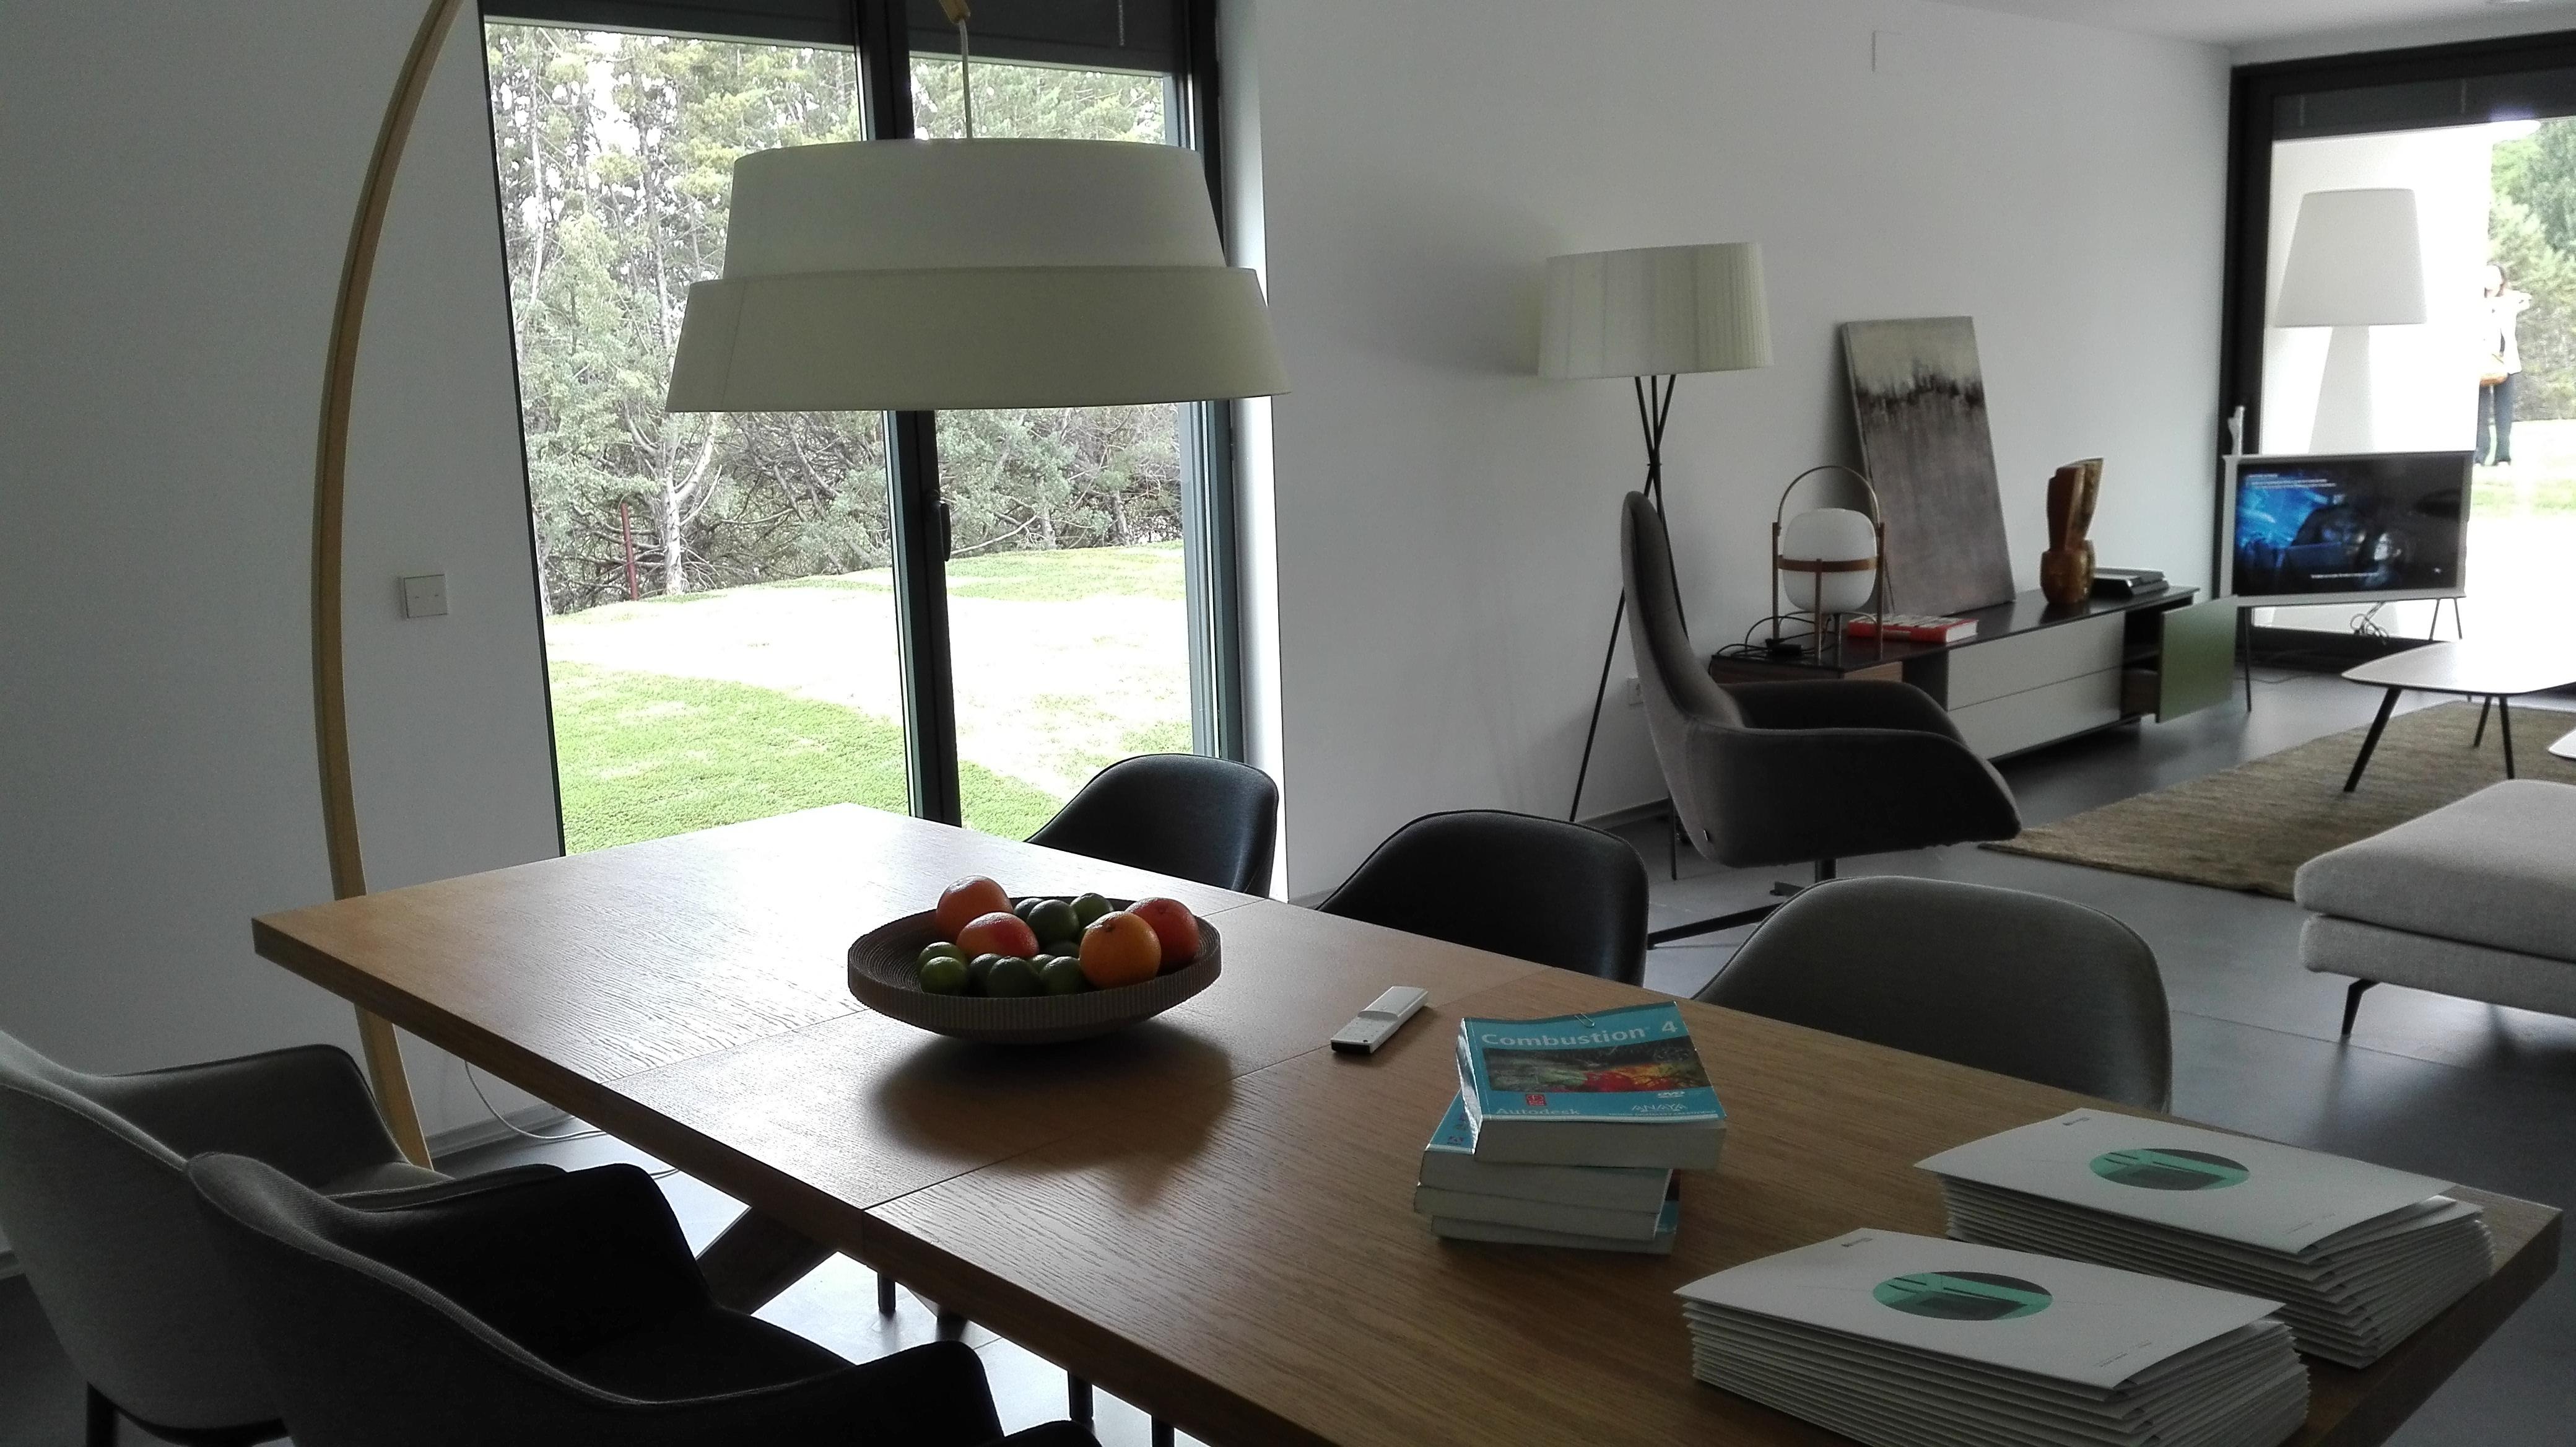 de construccin por mdulos de dimensiones variables y adaptables cada cliente puede disear las estancias de su casa en funcin de sus necesidades